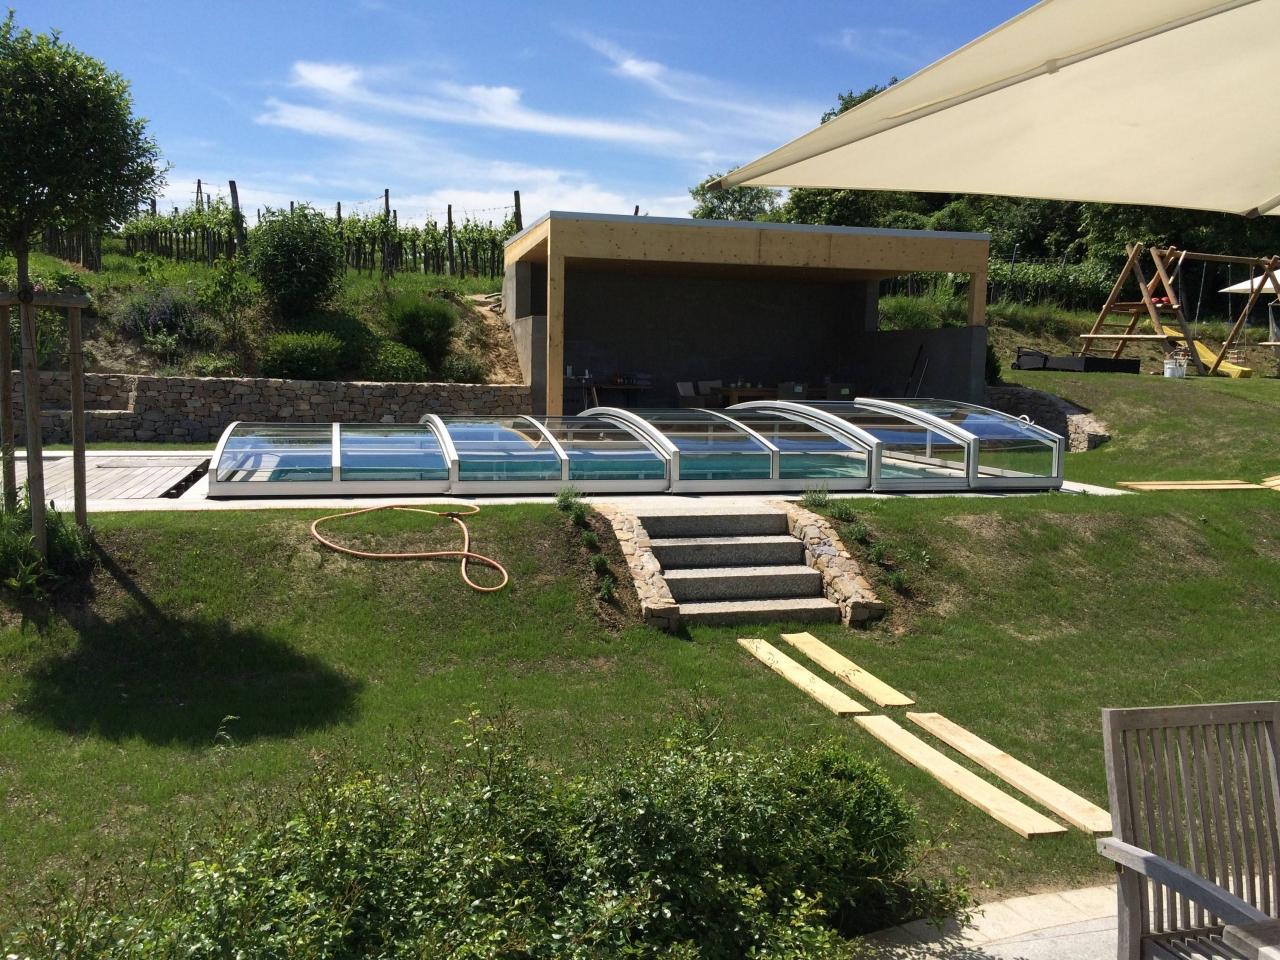 Poolhaus / Pooldach und Grillecke - Bauanleitung zum Selberbauen - 1 ...